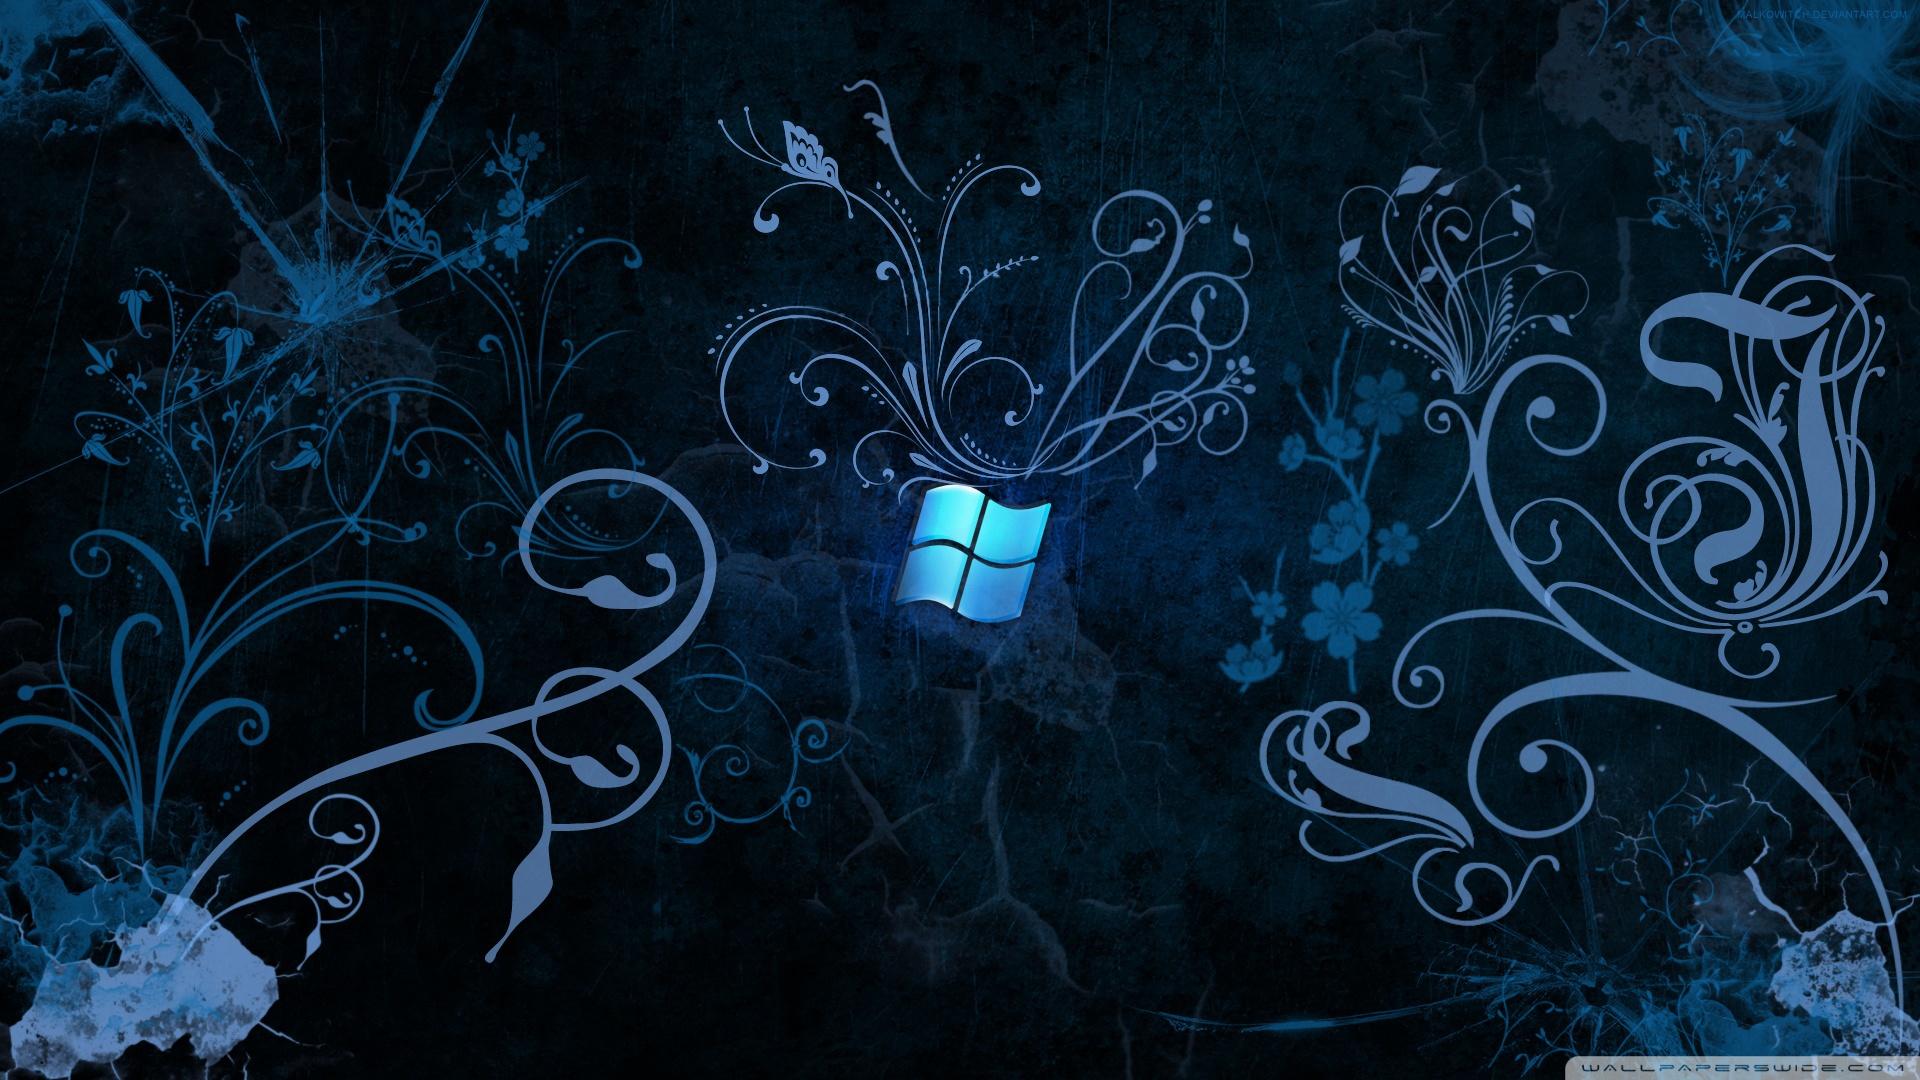 Windows 81 Wallpaper 1920X1080 248994 1920x1080